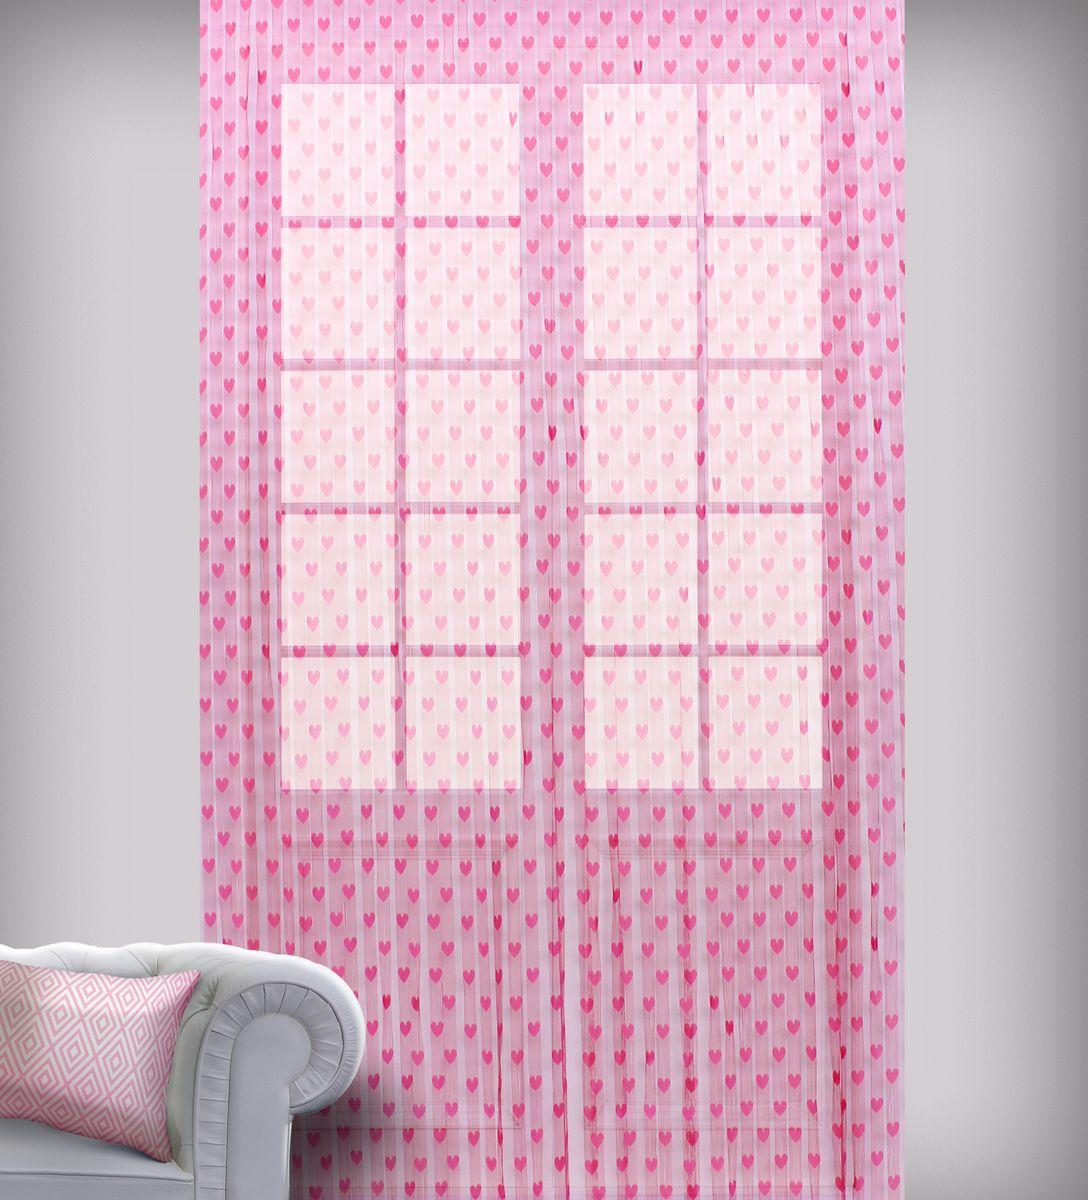 Штора нитяная Sanpa Home Collection, на ленте, цвет: розовый, высота 290 см. SP105SP 105/PINK, , 150*290 см